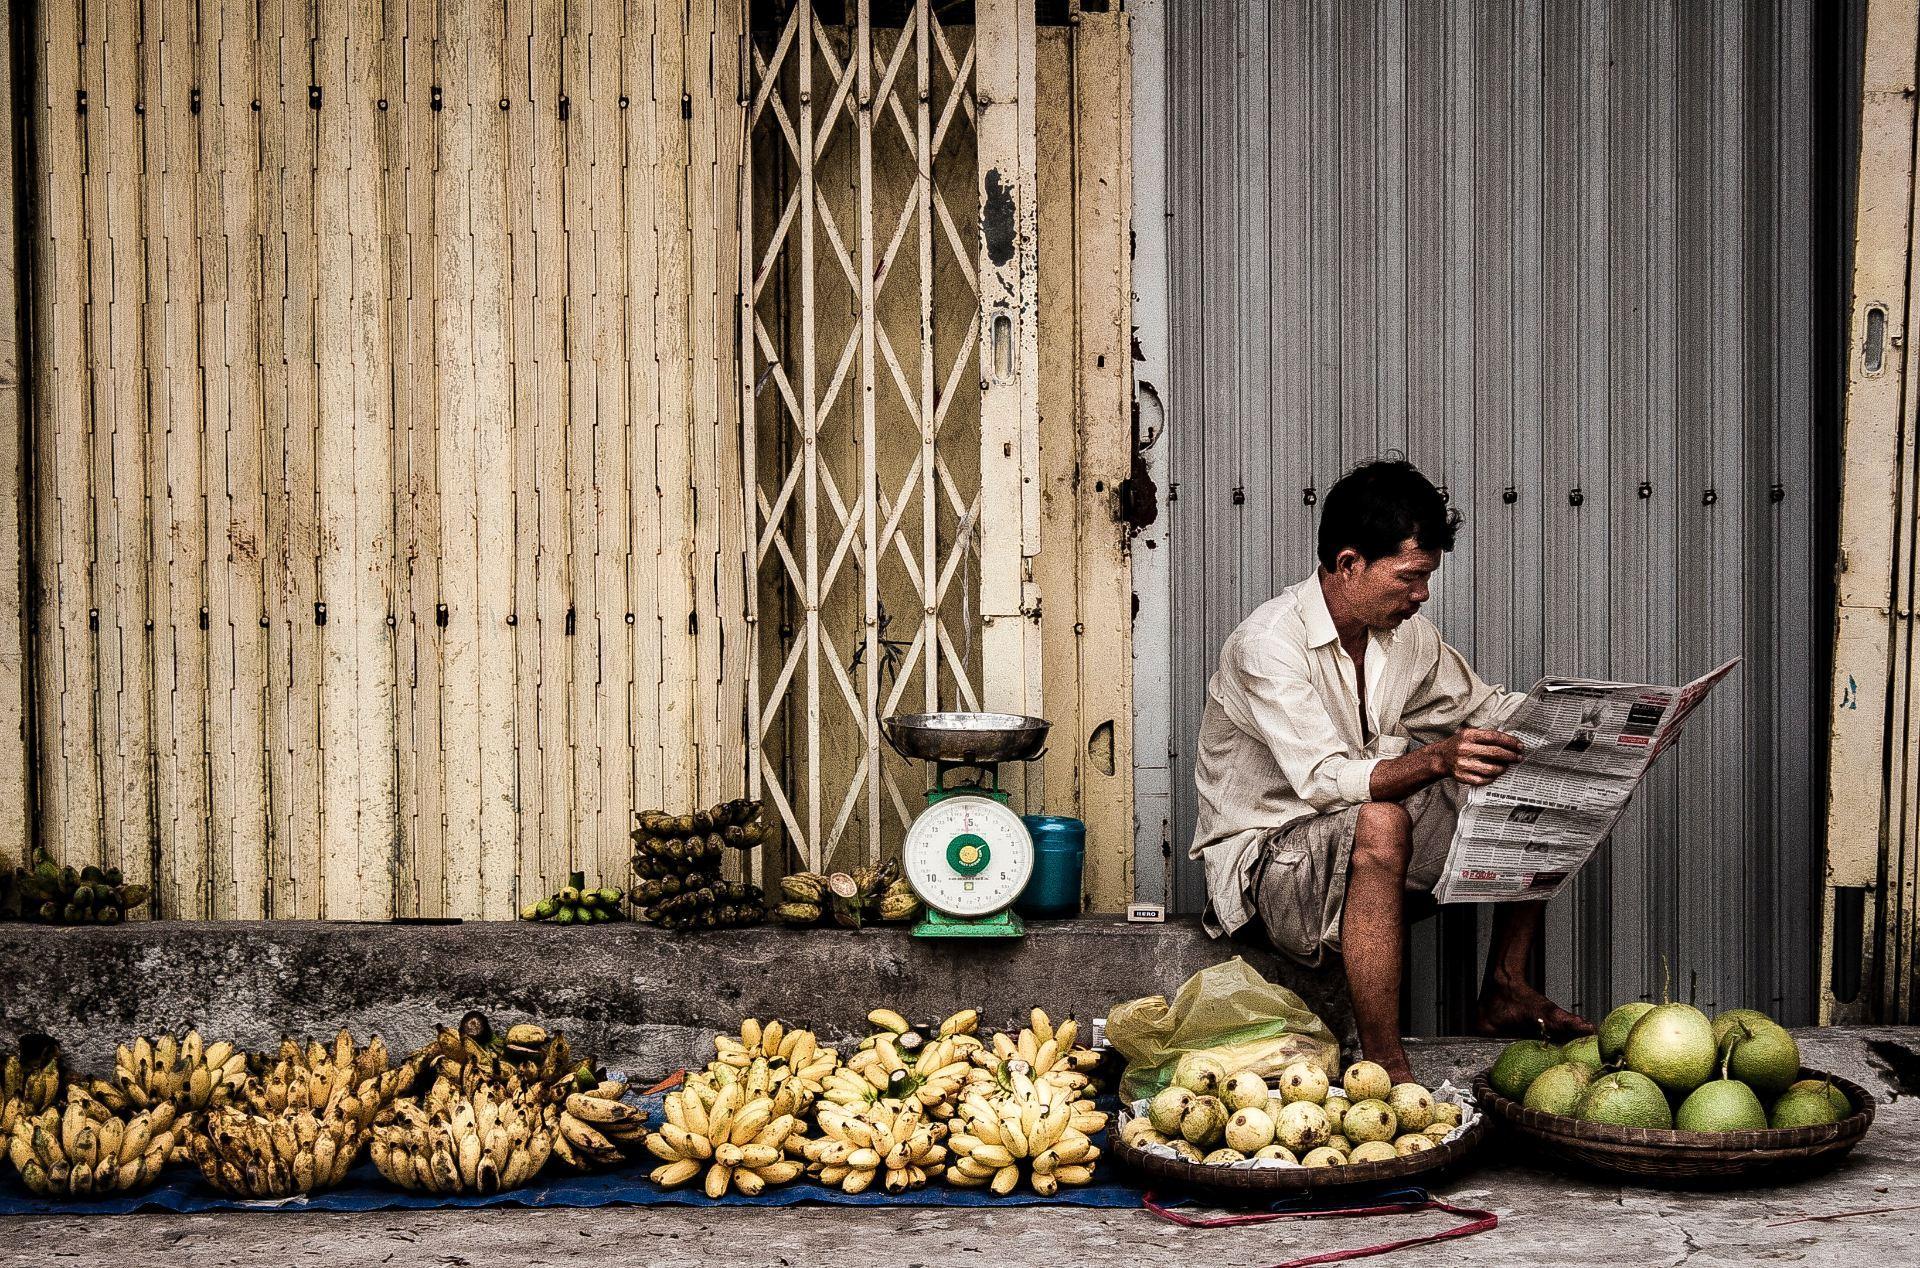 adult-bananas-business-723991-2mlg3se